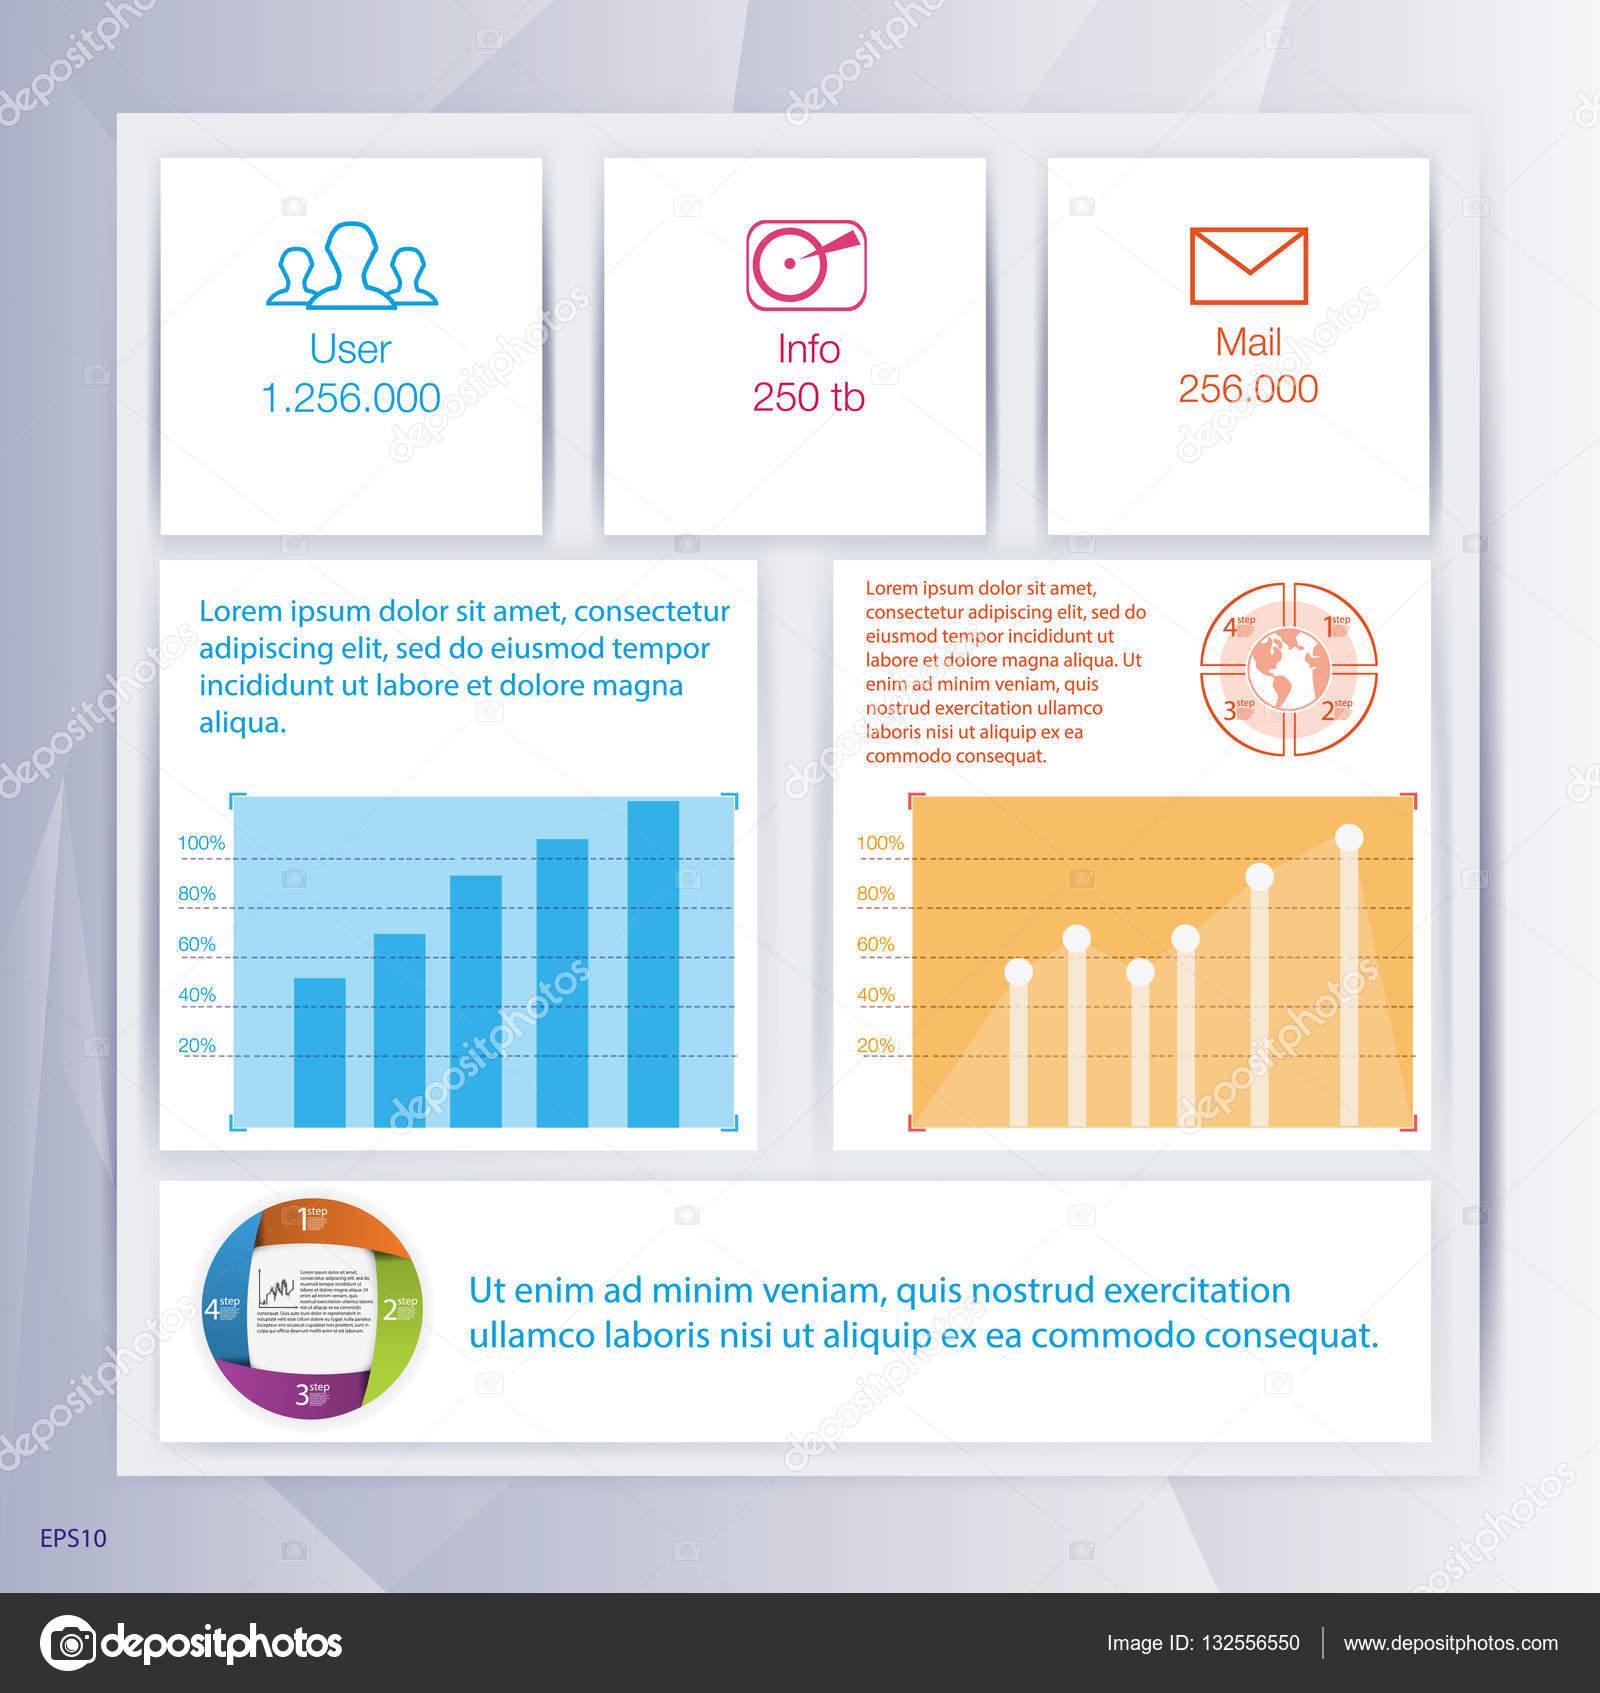 Von Design, Beschaffenheit des Papiers bis zu Flyer-Vorlagen gibt es einige Attribute, die das Endprodukt beeinflussen.